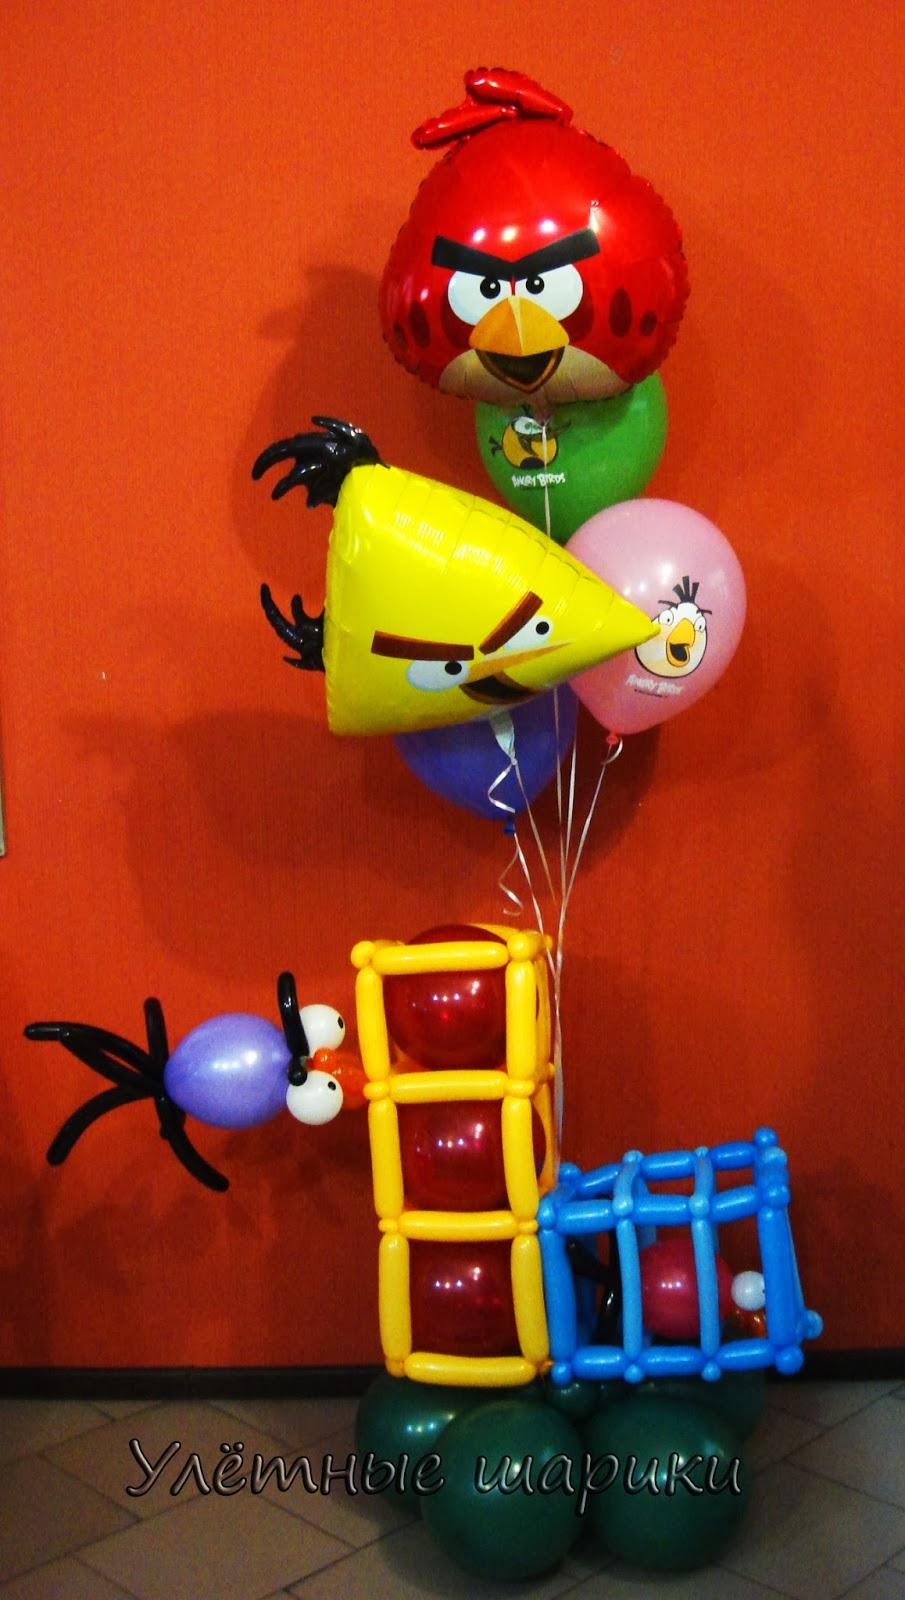 Композиция из воздушных шариков с Angry birds Rio